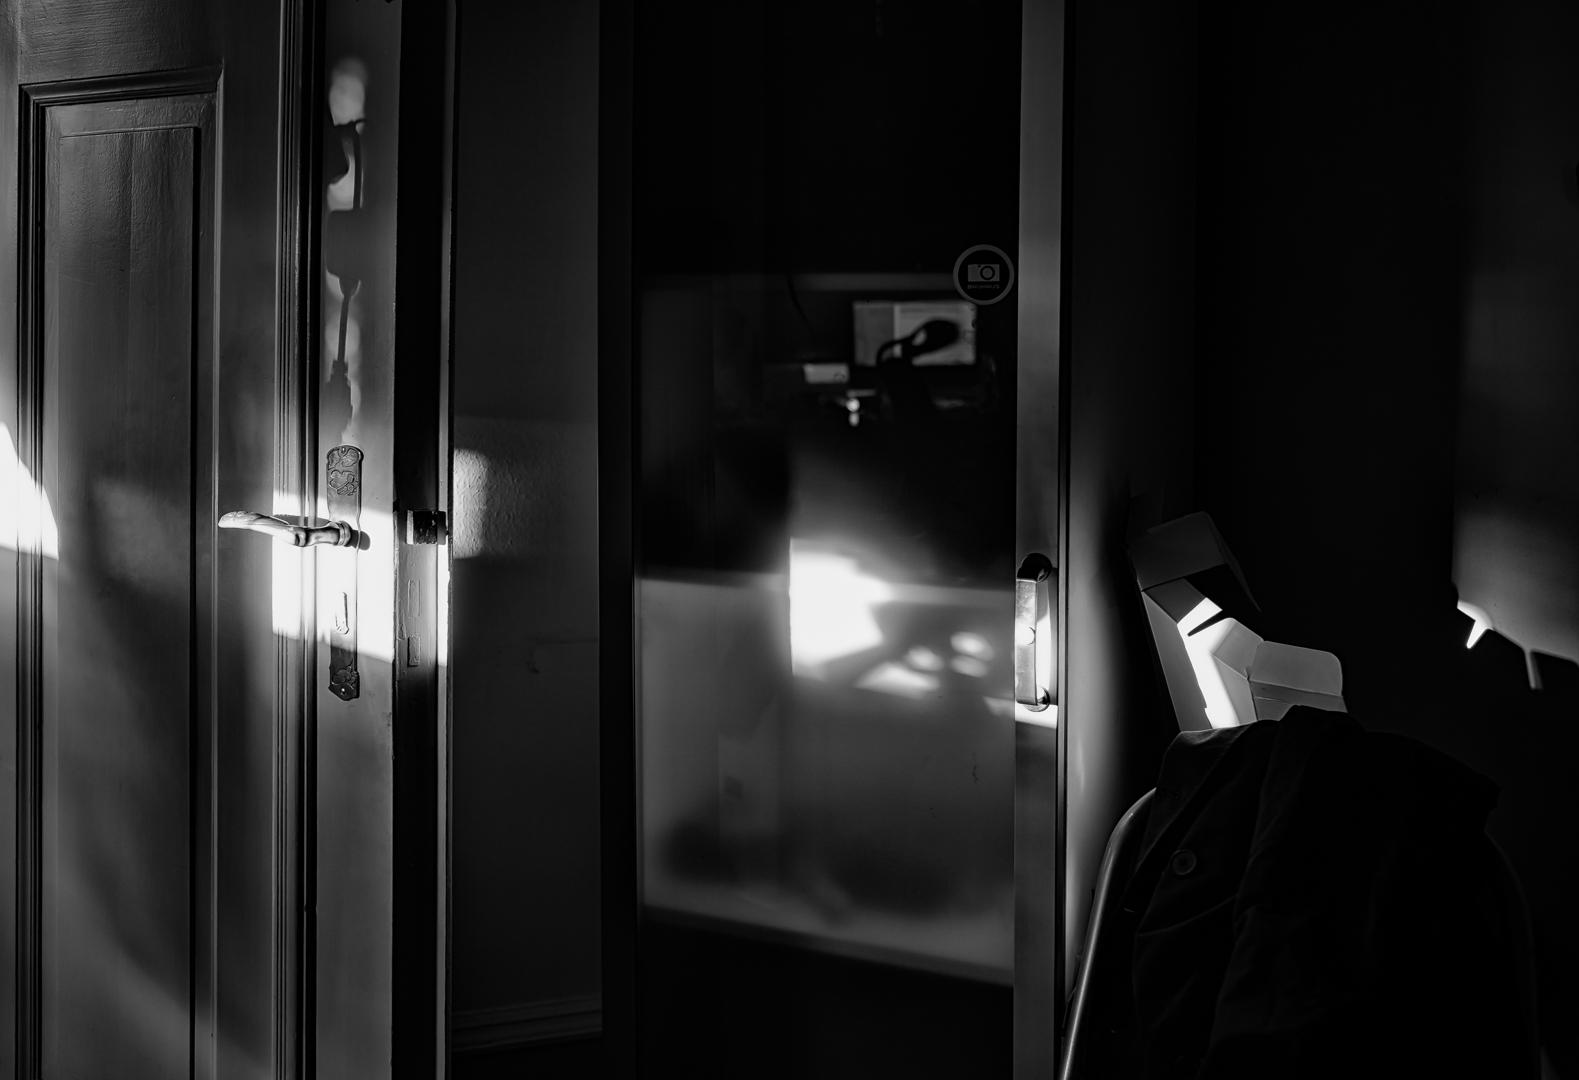 re:enter:light